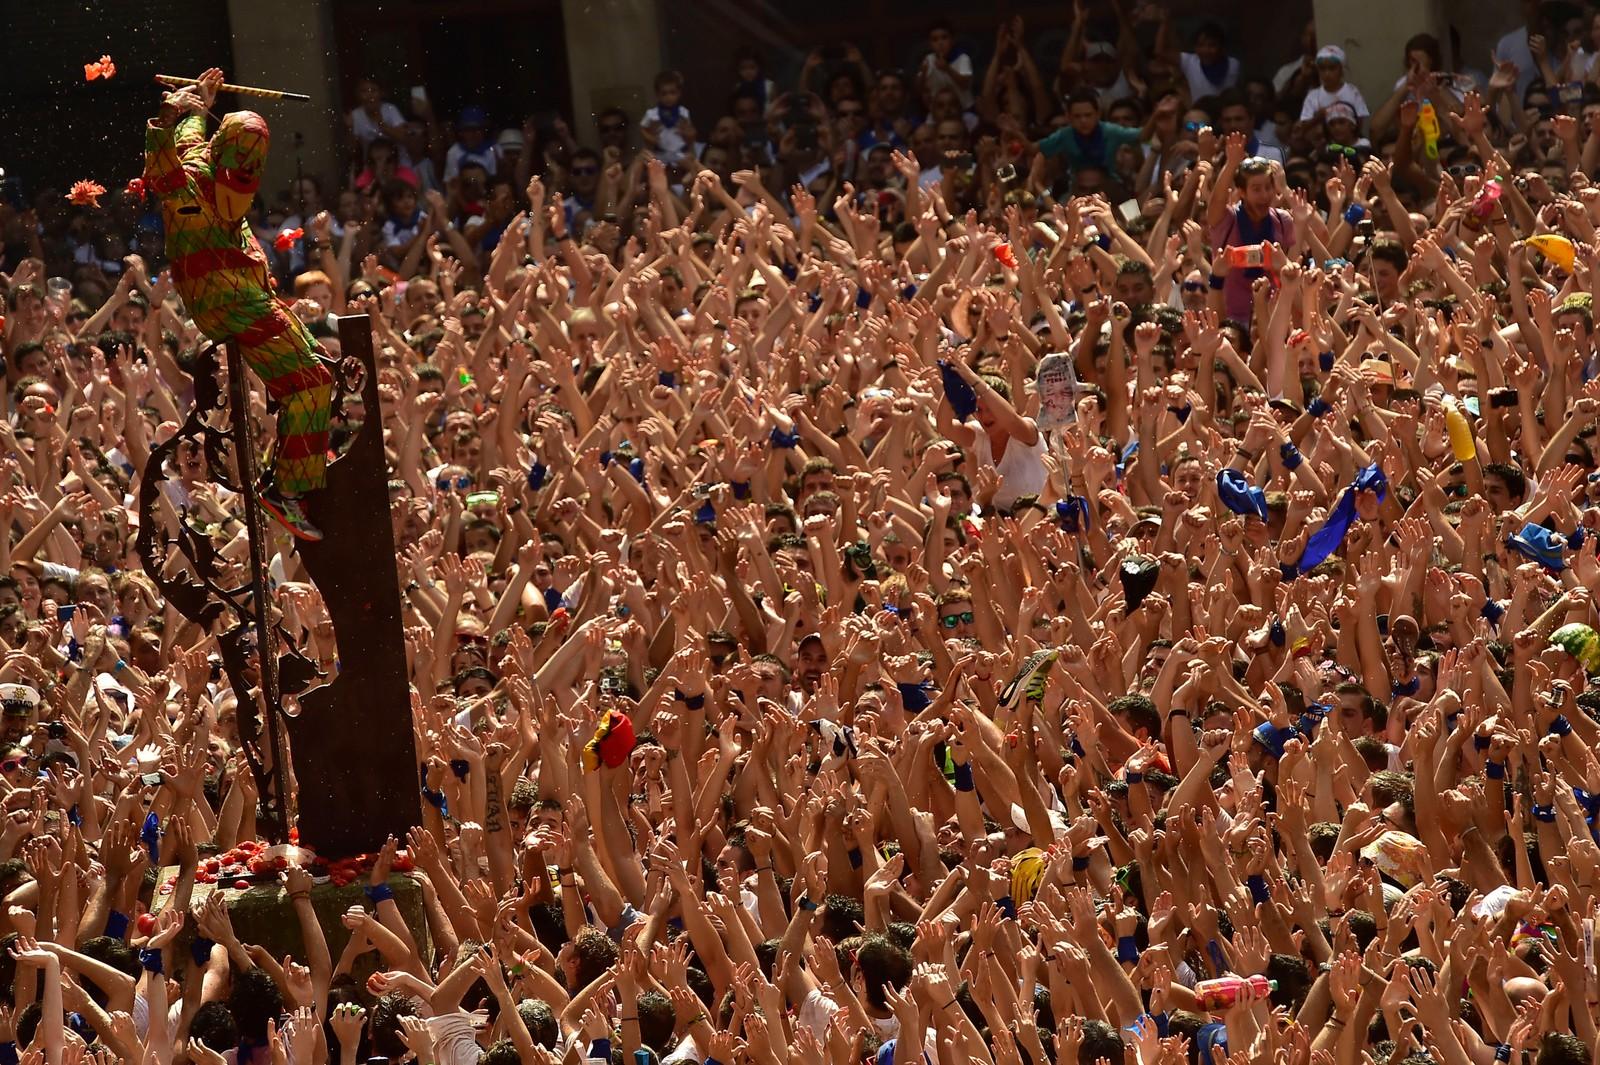 Fargerikt utkledd som den såkalte 'Cipotegato' hylles denne mannen av folkemengden i den spanske byen Tarazona. Den årlige seansen gjenskaper en gammel tradisjon der en fengselsfange fikk muligheten til å løpe seg til frihet om han klarte å rømme fra folkemengden. Folket venter her på å få kaste tomater på Cipotegato på byens torg.